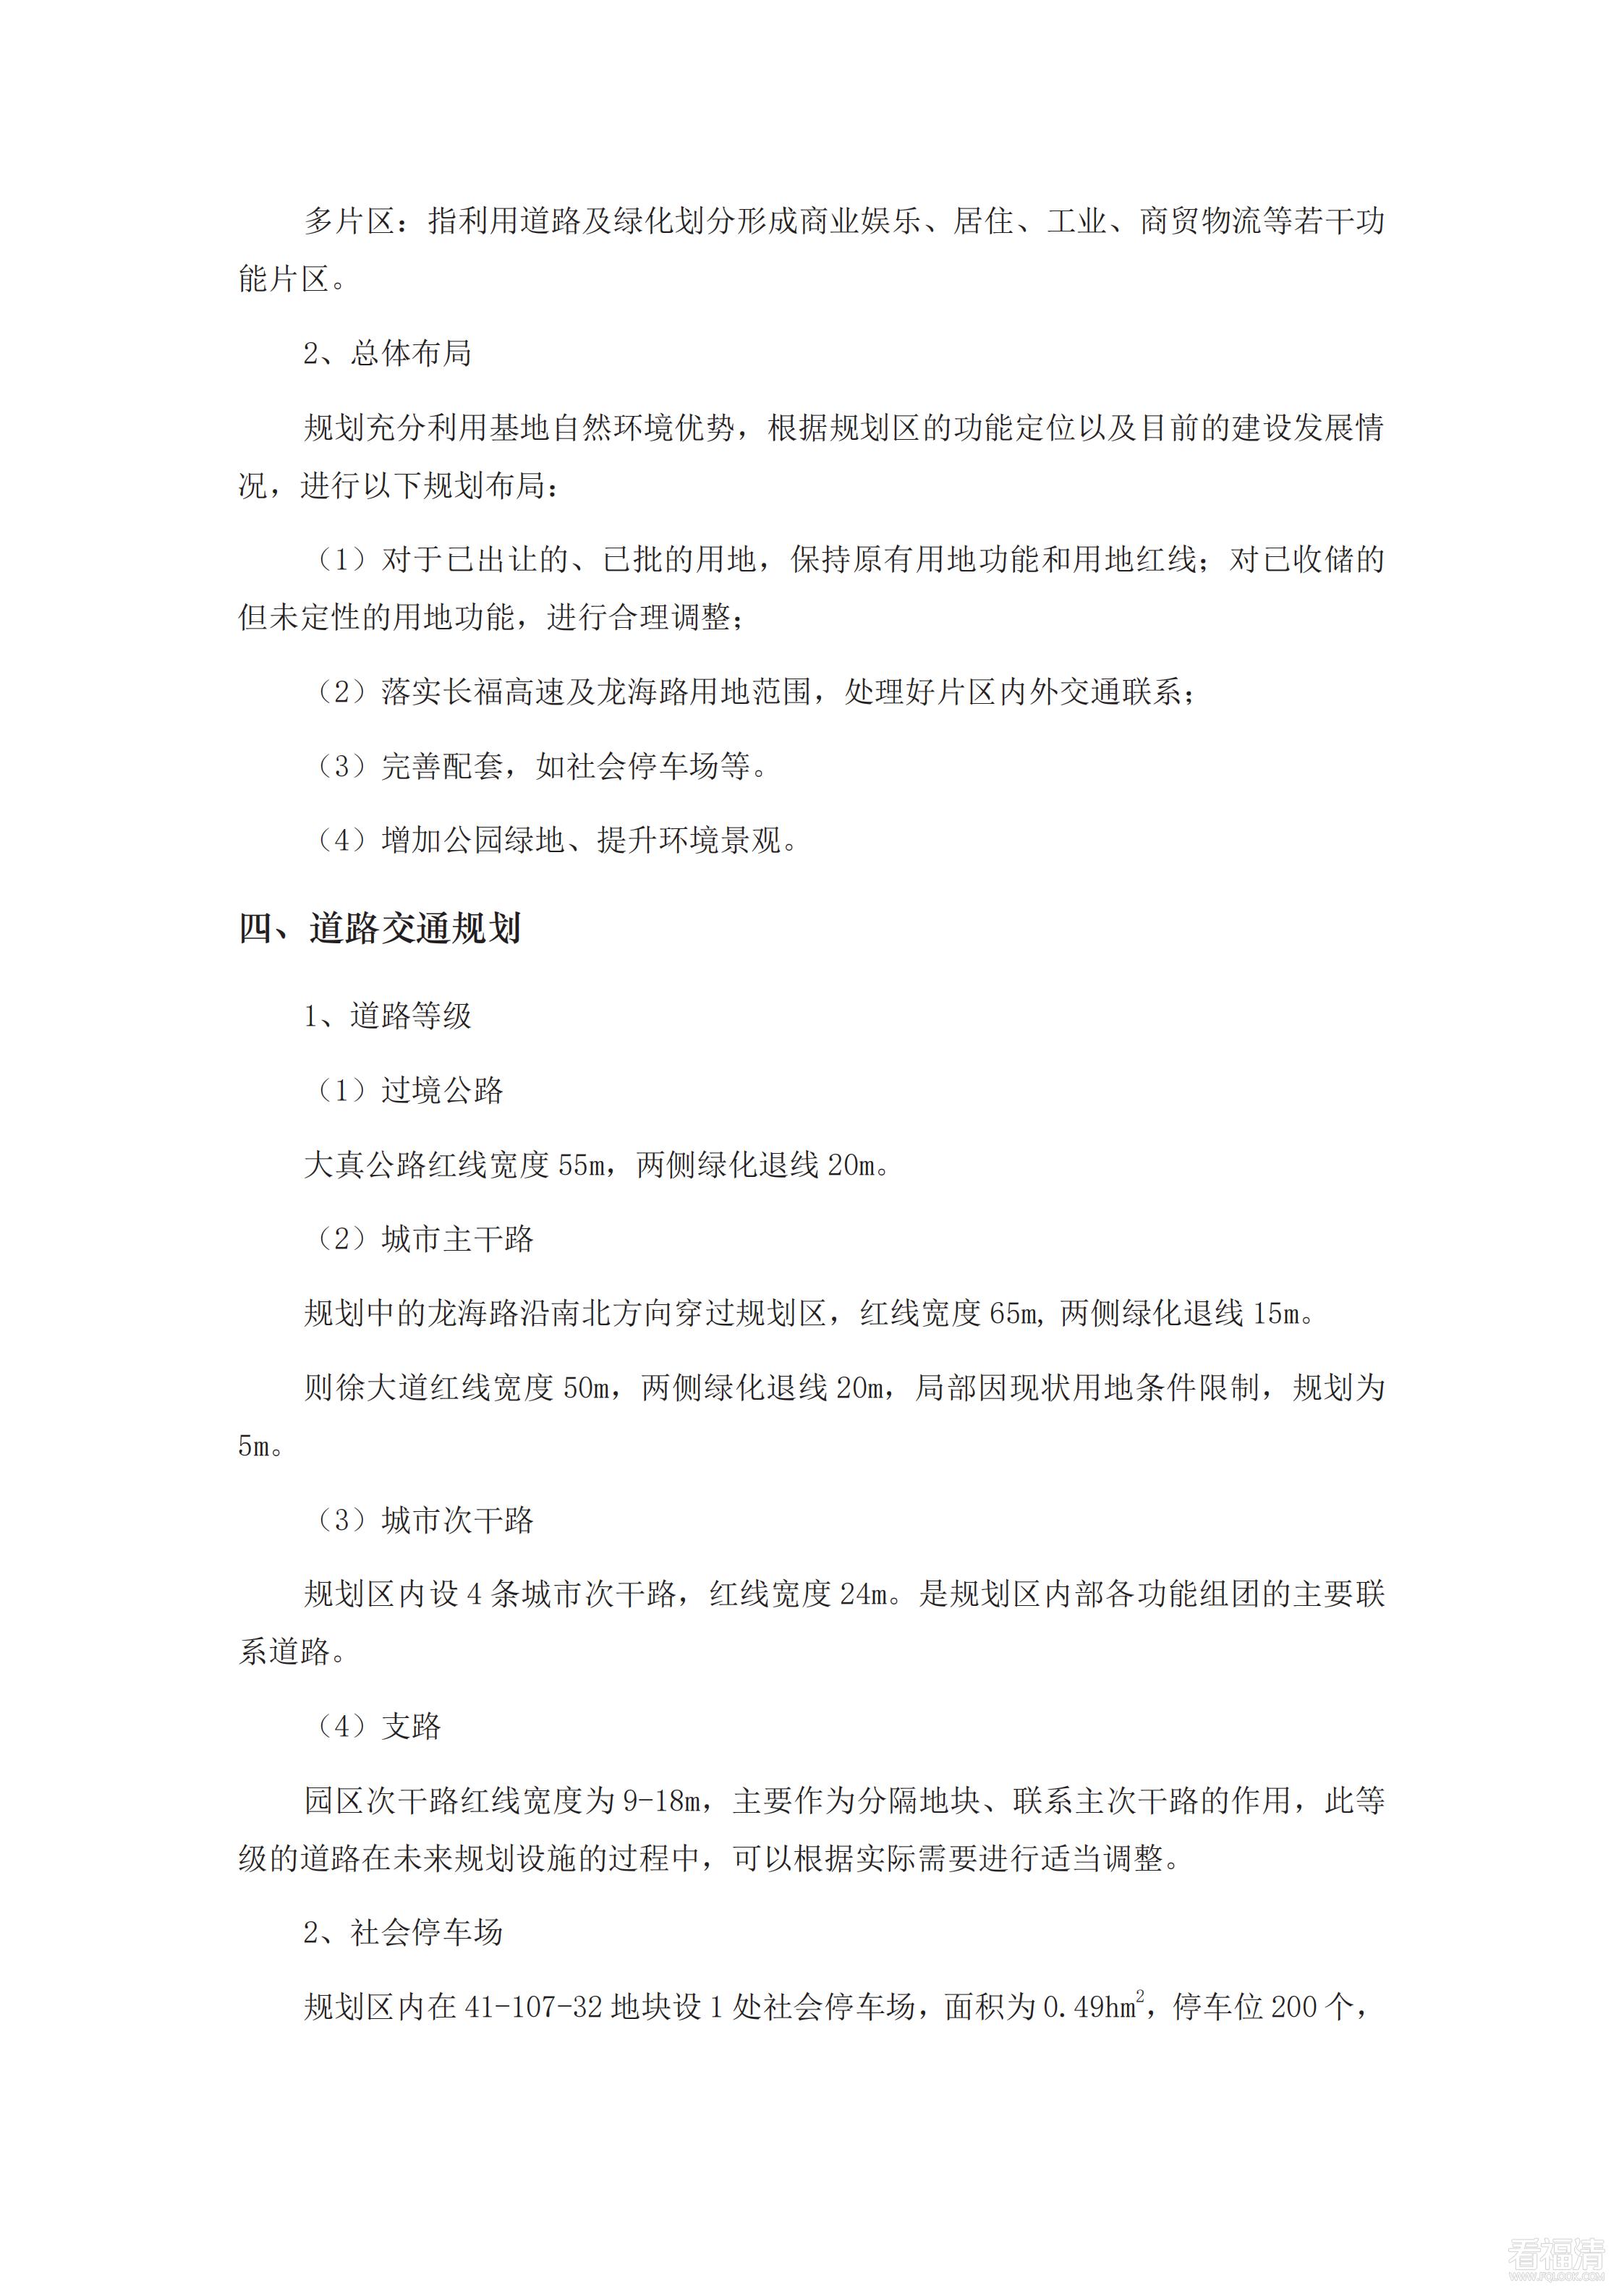 《福清商贸城控制性详细规划》草案的公示